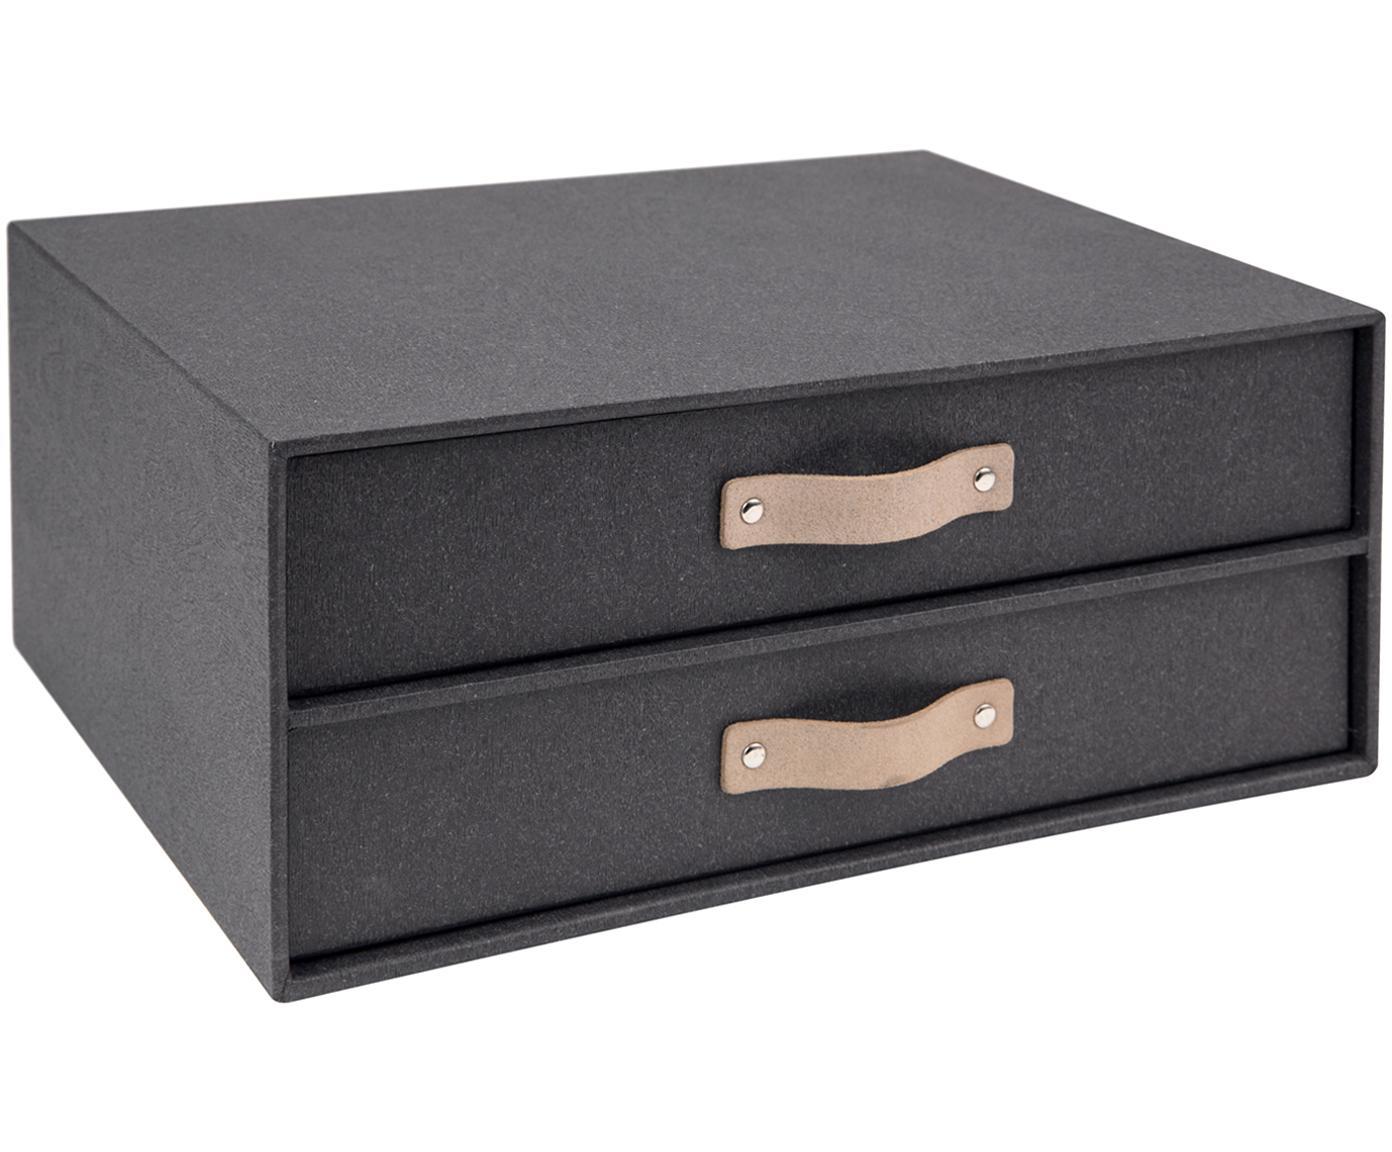 Bureau organizer Birger II, Organizer: massief karton, met houtd, Organizer buitenzijde: zwart. Organizer binnenzijde: zwart. Handvat: beige, 33 x 15 cm